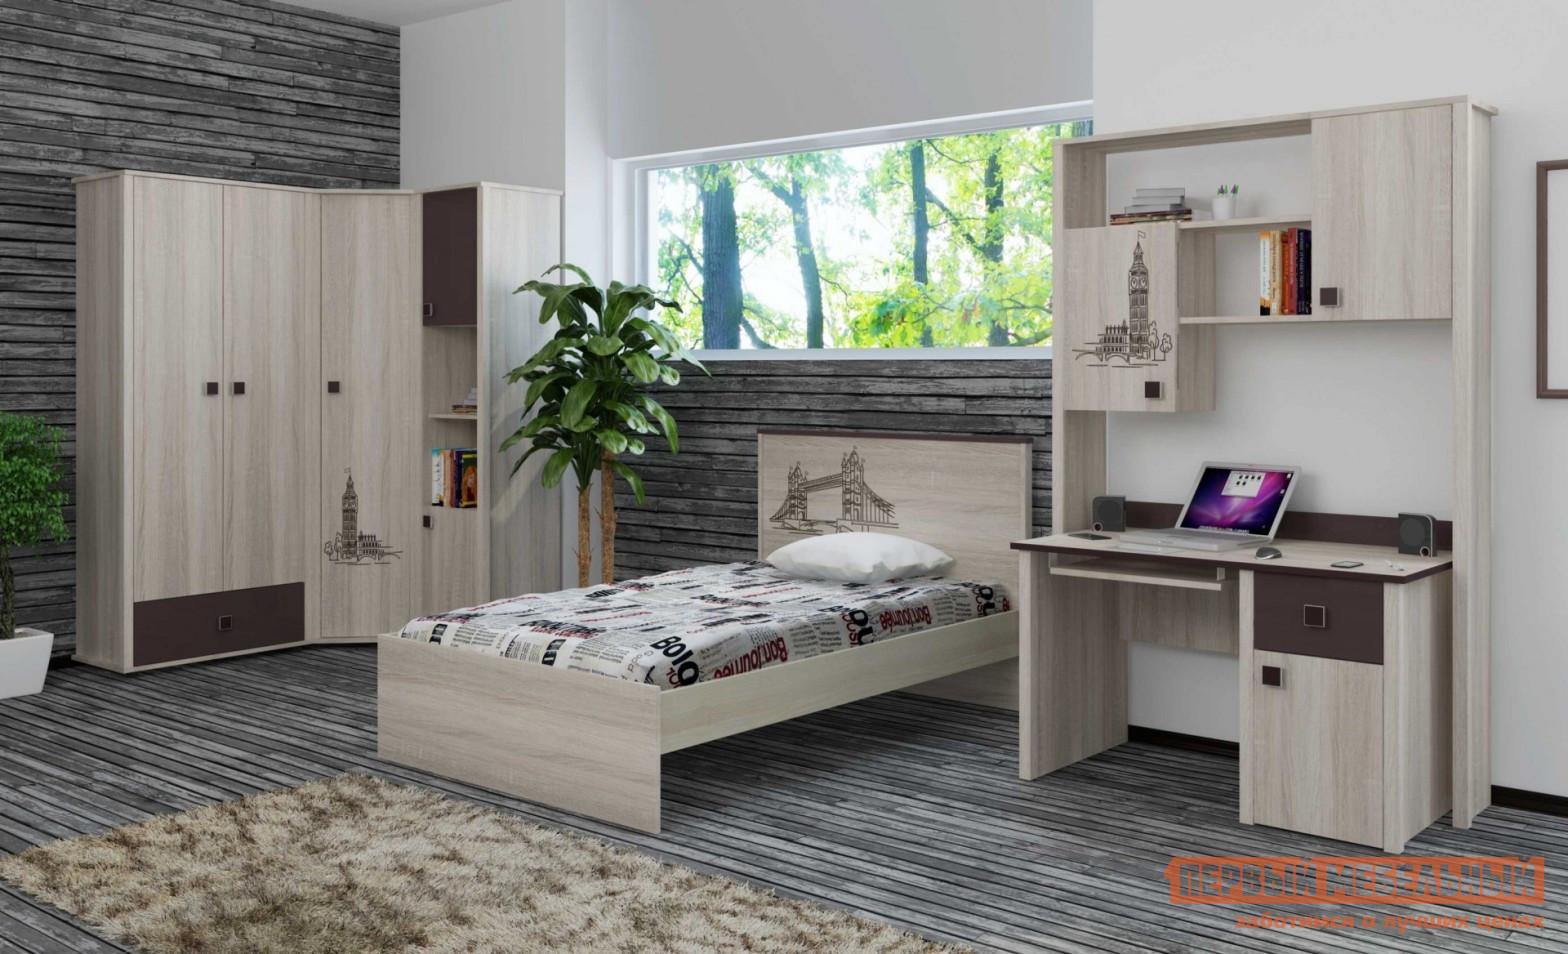 Комплект детской мебели ТД Арника Хэппи К4 комплект детской мебели тд арника робинзон к1